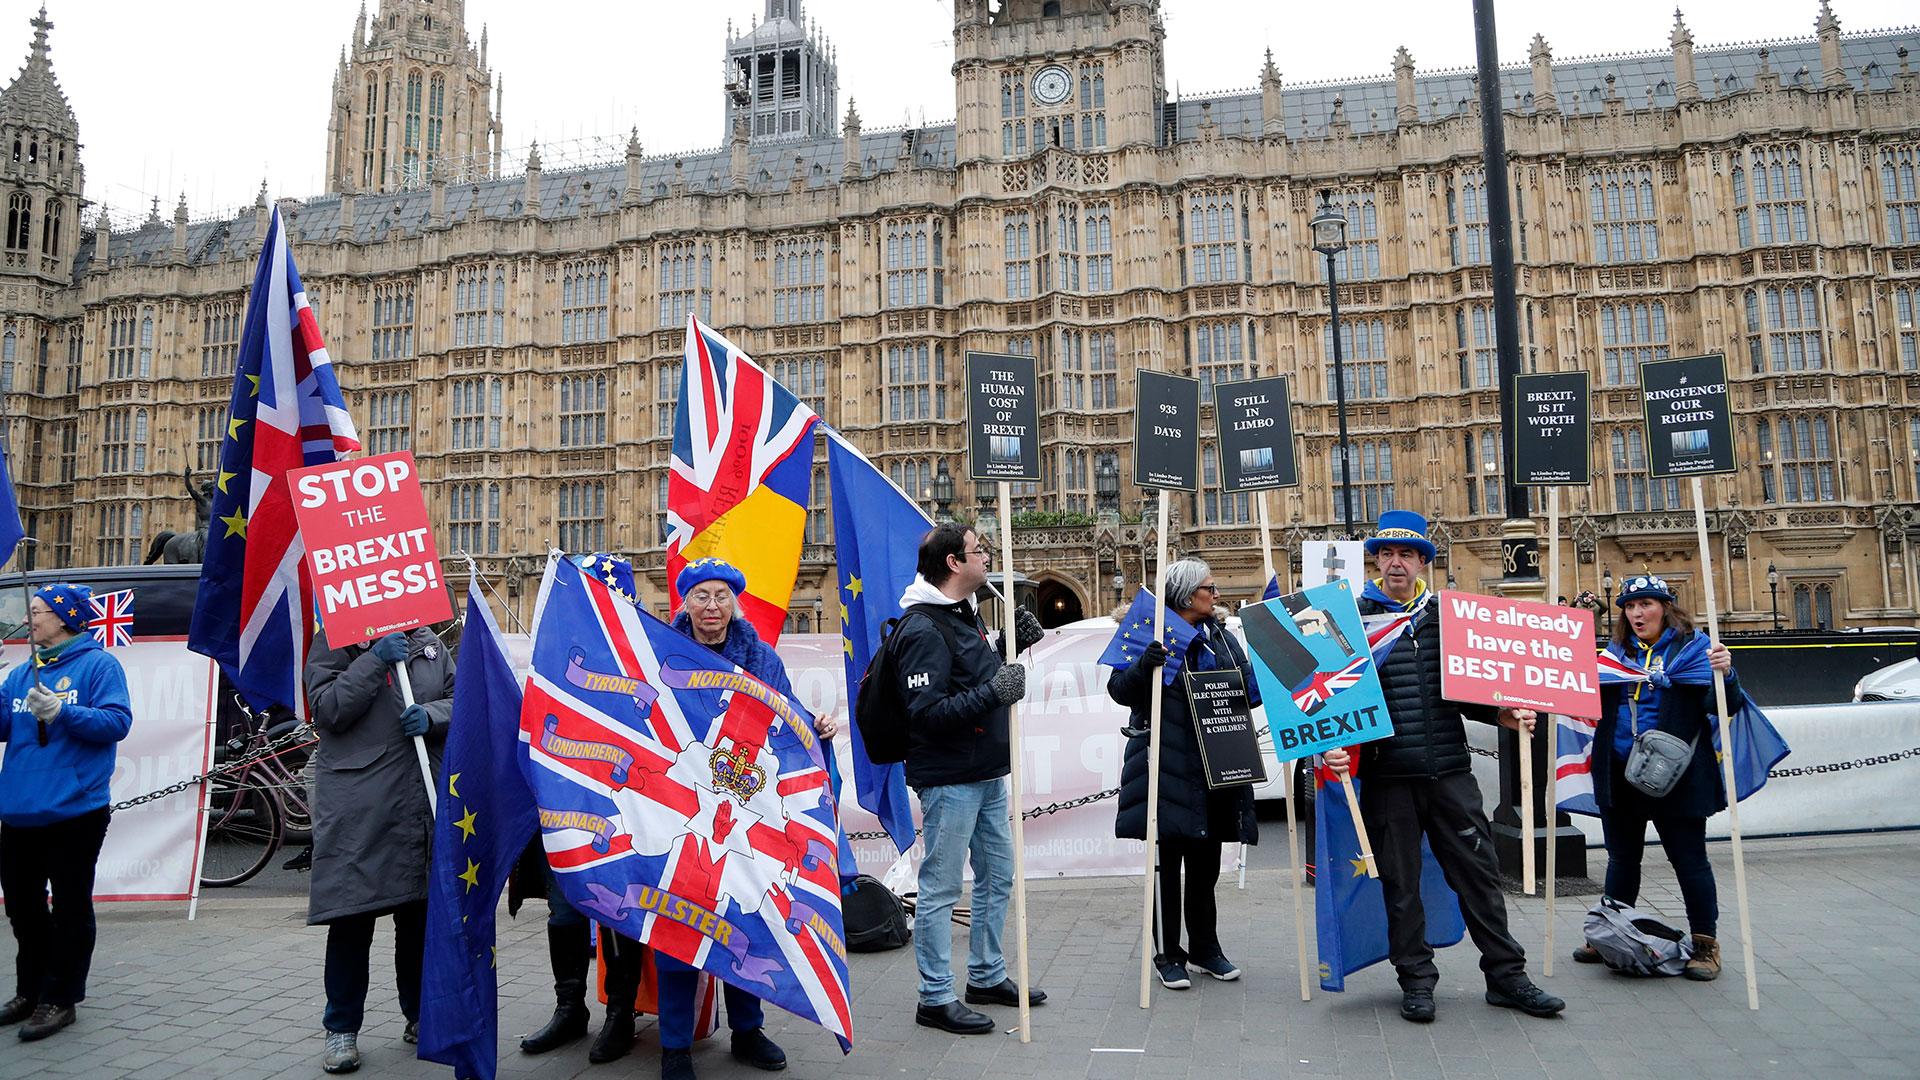 Manifestantes pro-europeos protestan frente a las Cámaras del Parlamento en Londres, el martes 15 de enero de 2019. (AP)